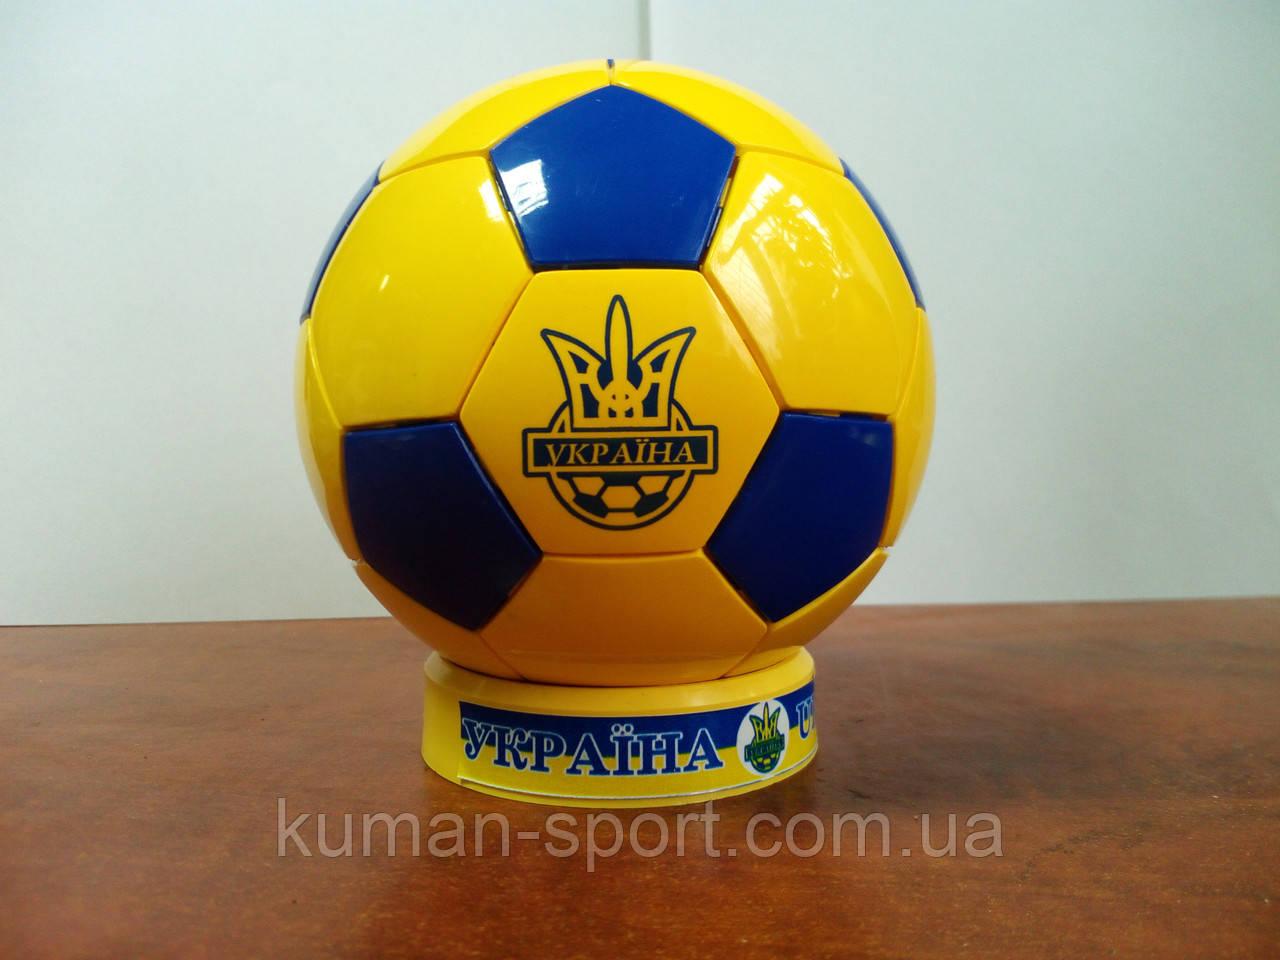 Мяч сувенирный LEGO  Украина (желто-синий), фото 1